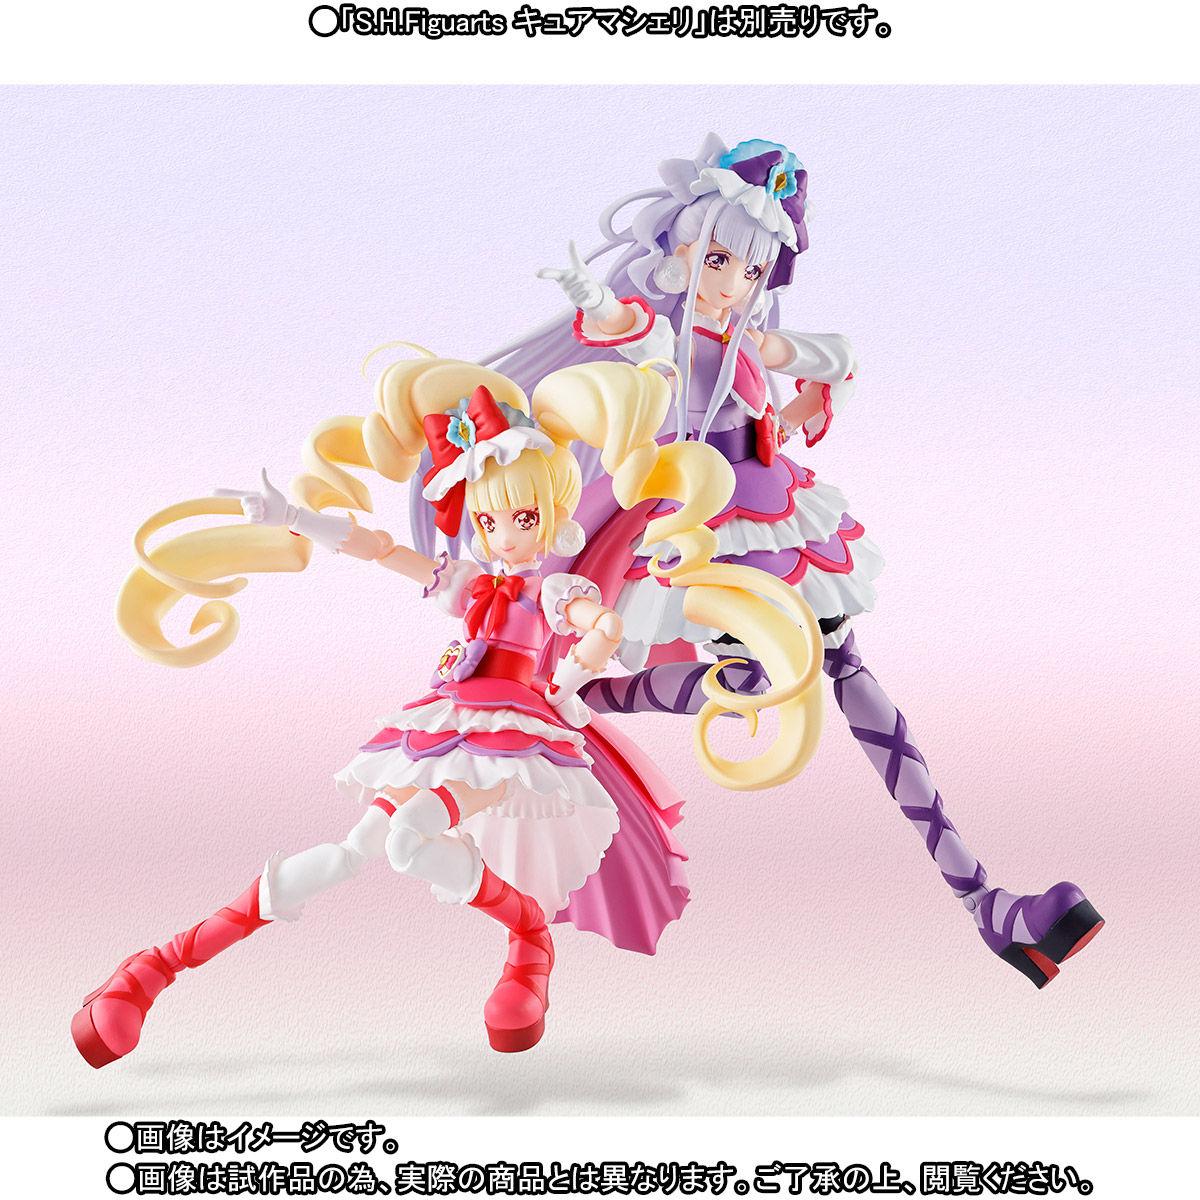 S.H.Figuarts『キュアアムール&はぐたん』HUGっと!プリキュア 可動フィギュア-006